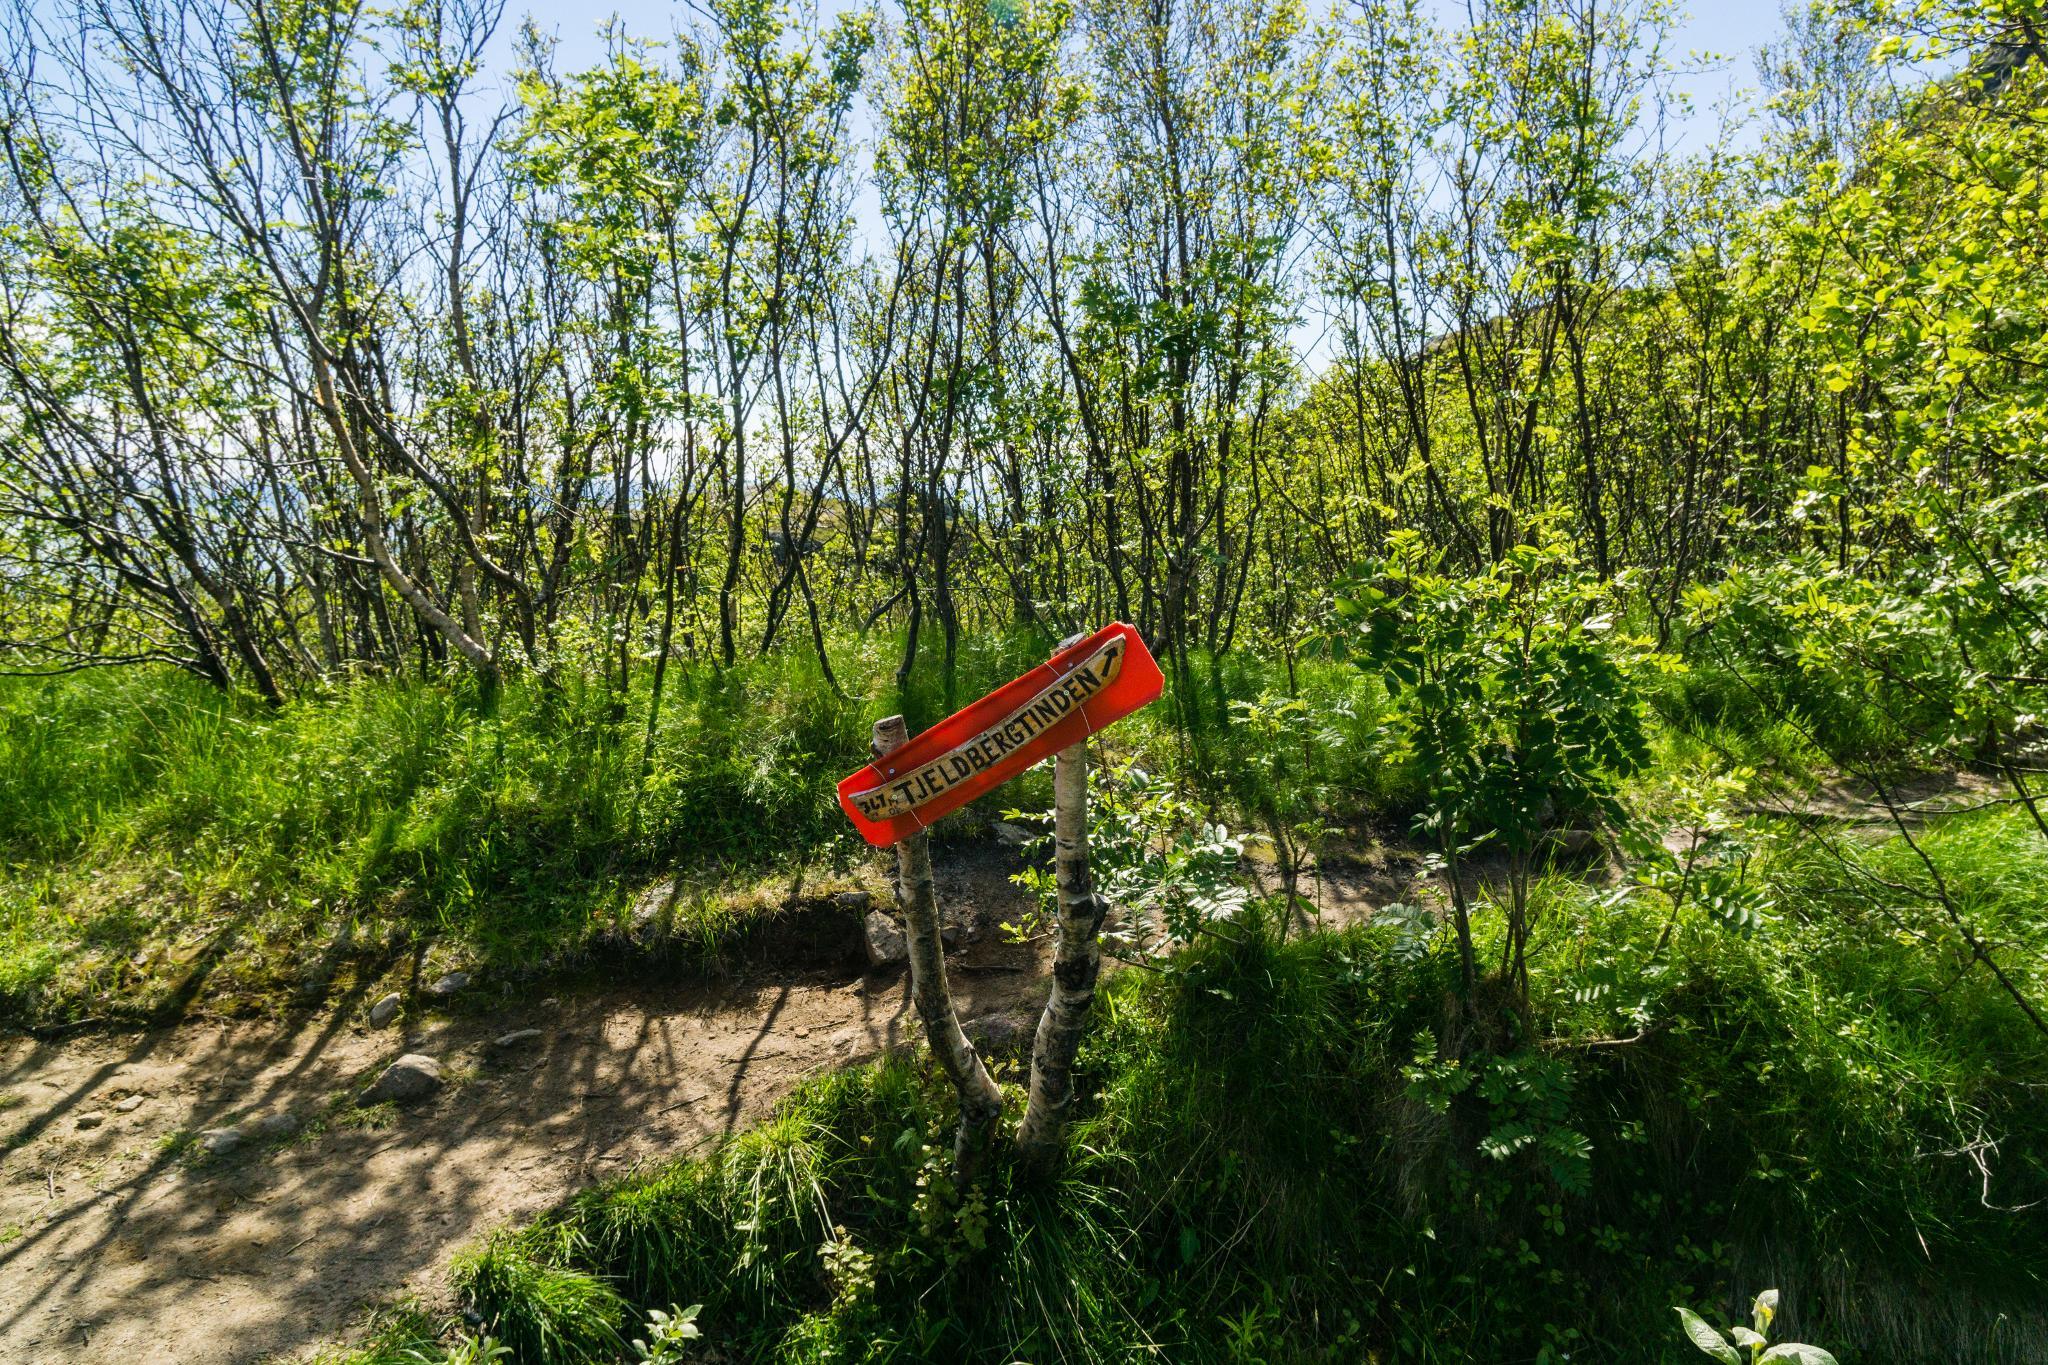 【羅弗敦群島】一次眺望兩個小鎮的人氣健行路線 - Tjeldbergtind Trail 5